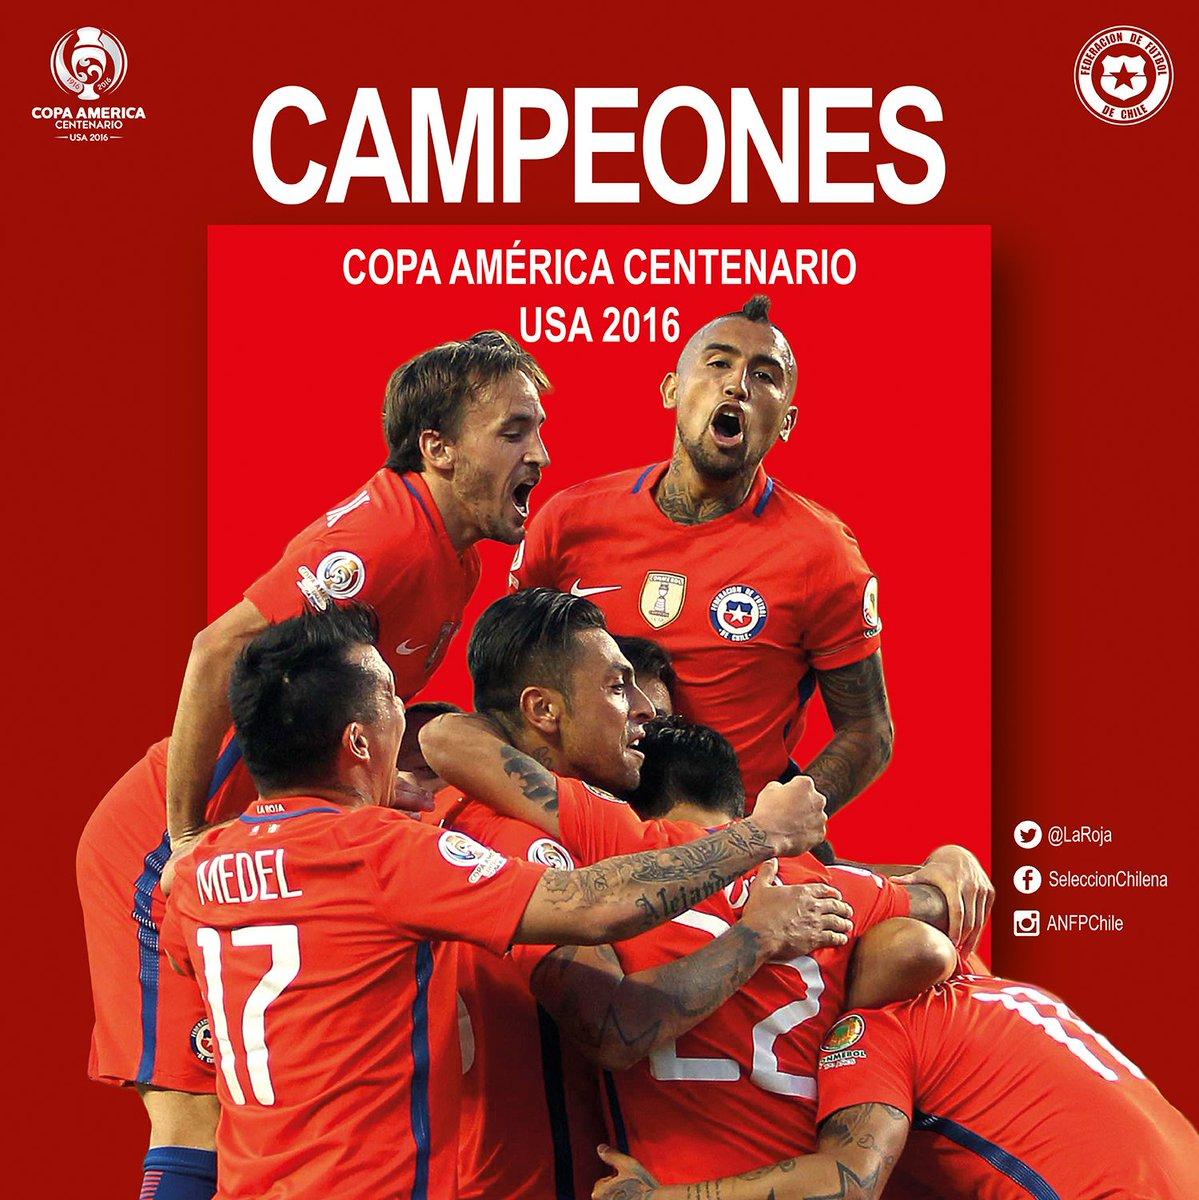 Video Cile-Argentina 4-2 dopo i calci di rigore, la storia si ripete in Coppa America